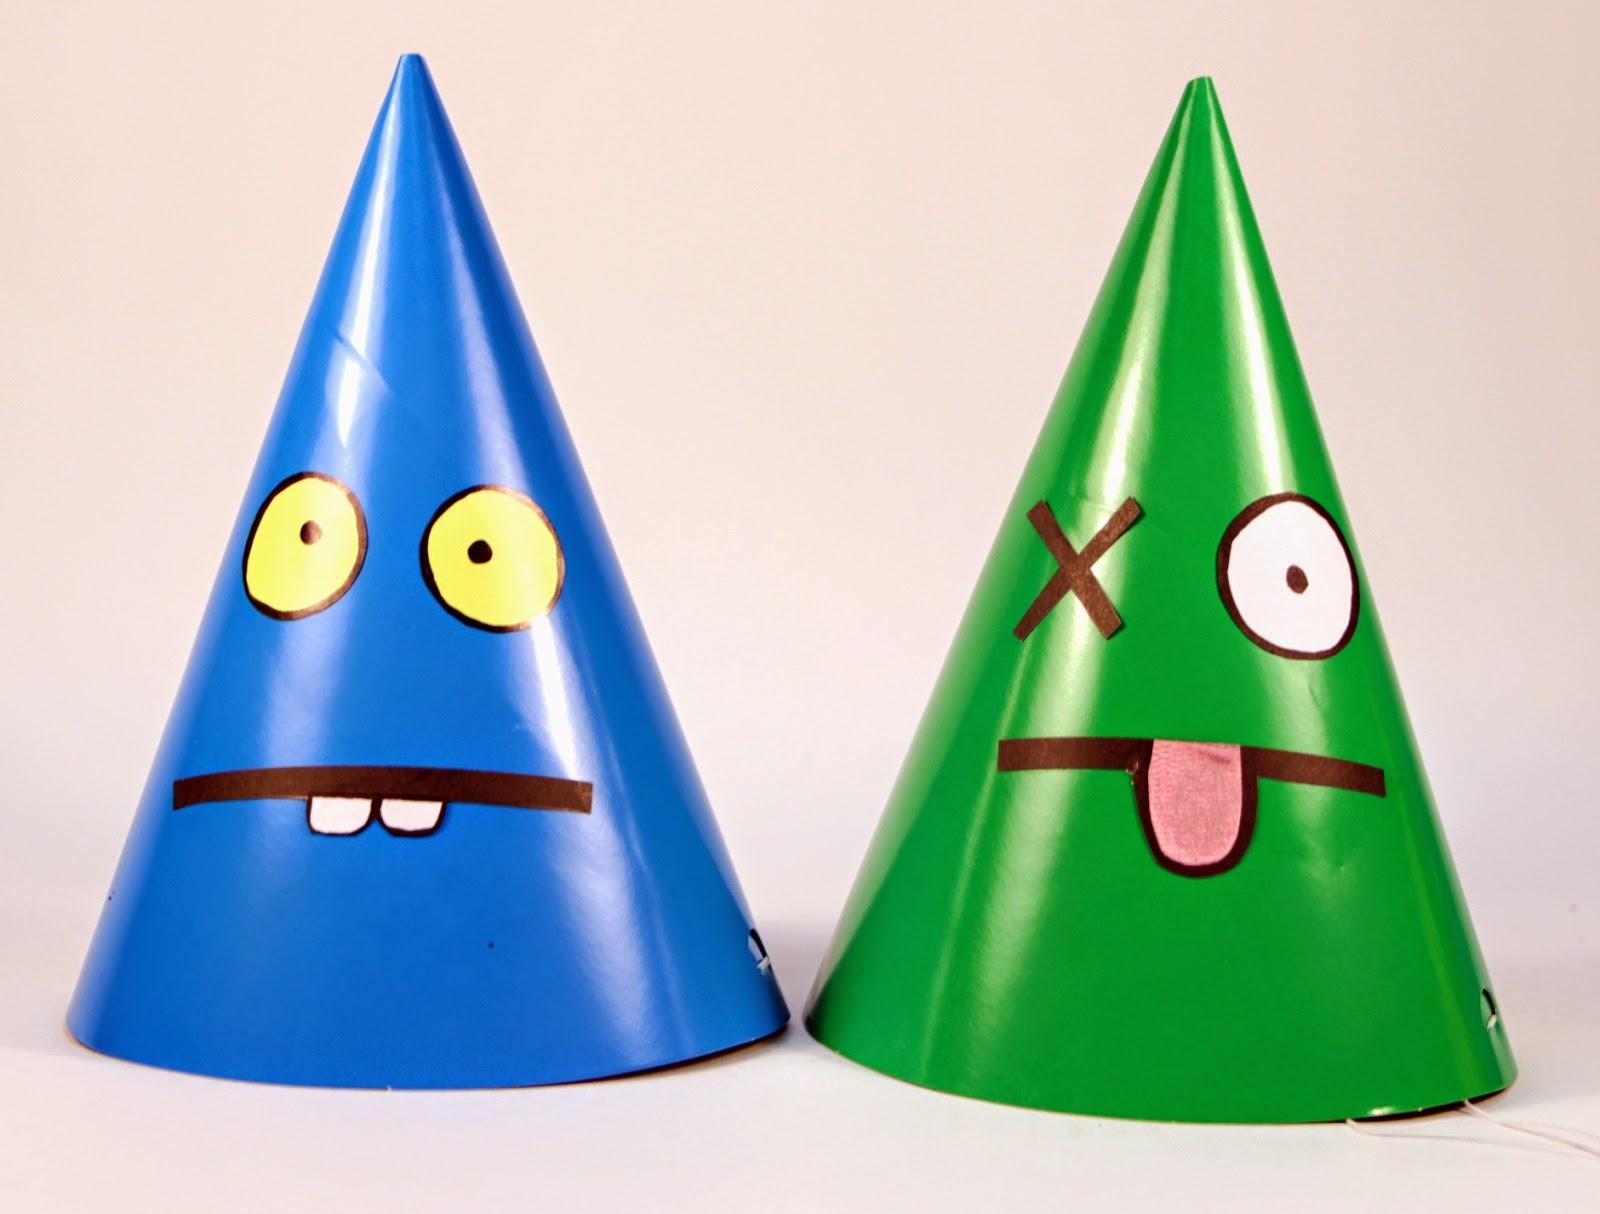 「DIY」創意燈籠與彩虹派對帽設計 DIY Lanterns & Hats